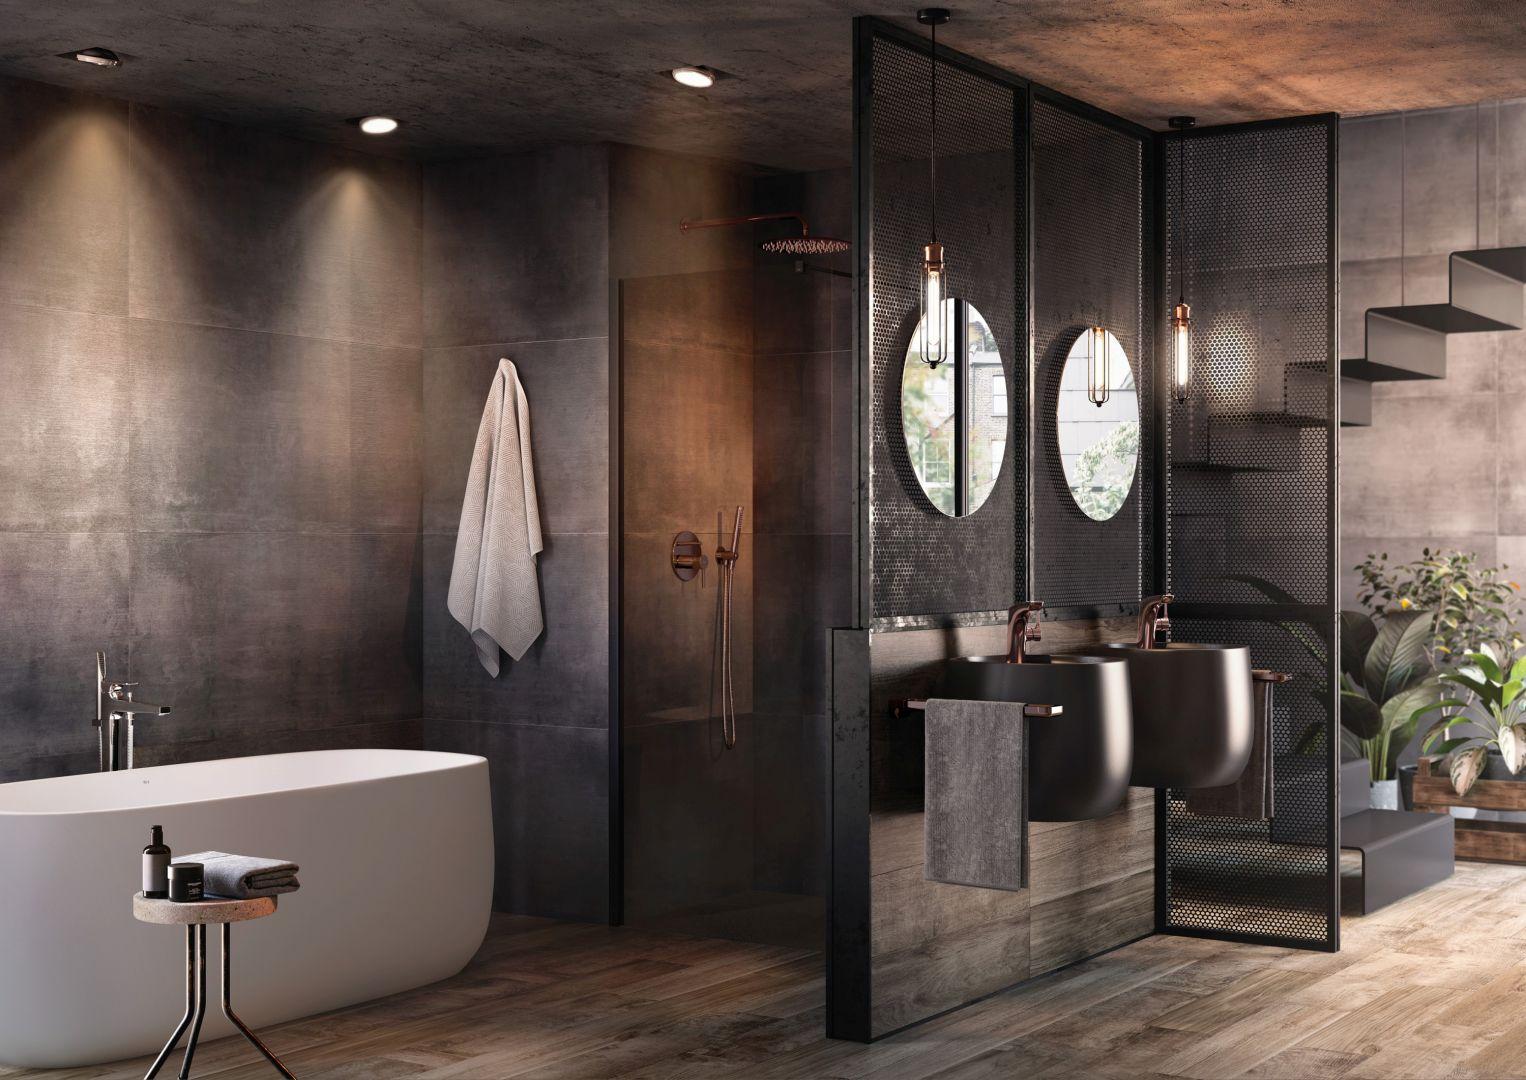 Beyond to ekskluzywna kolekcja ceramiki łazienkowej obejmująca umywalki, podwieszane miski WC, bidety i wanny teraz dostępna w modnej czerni. Roca